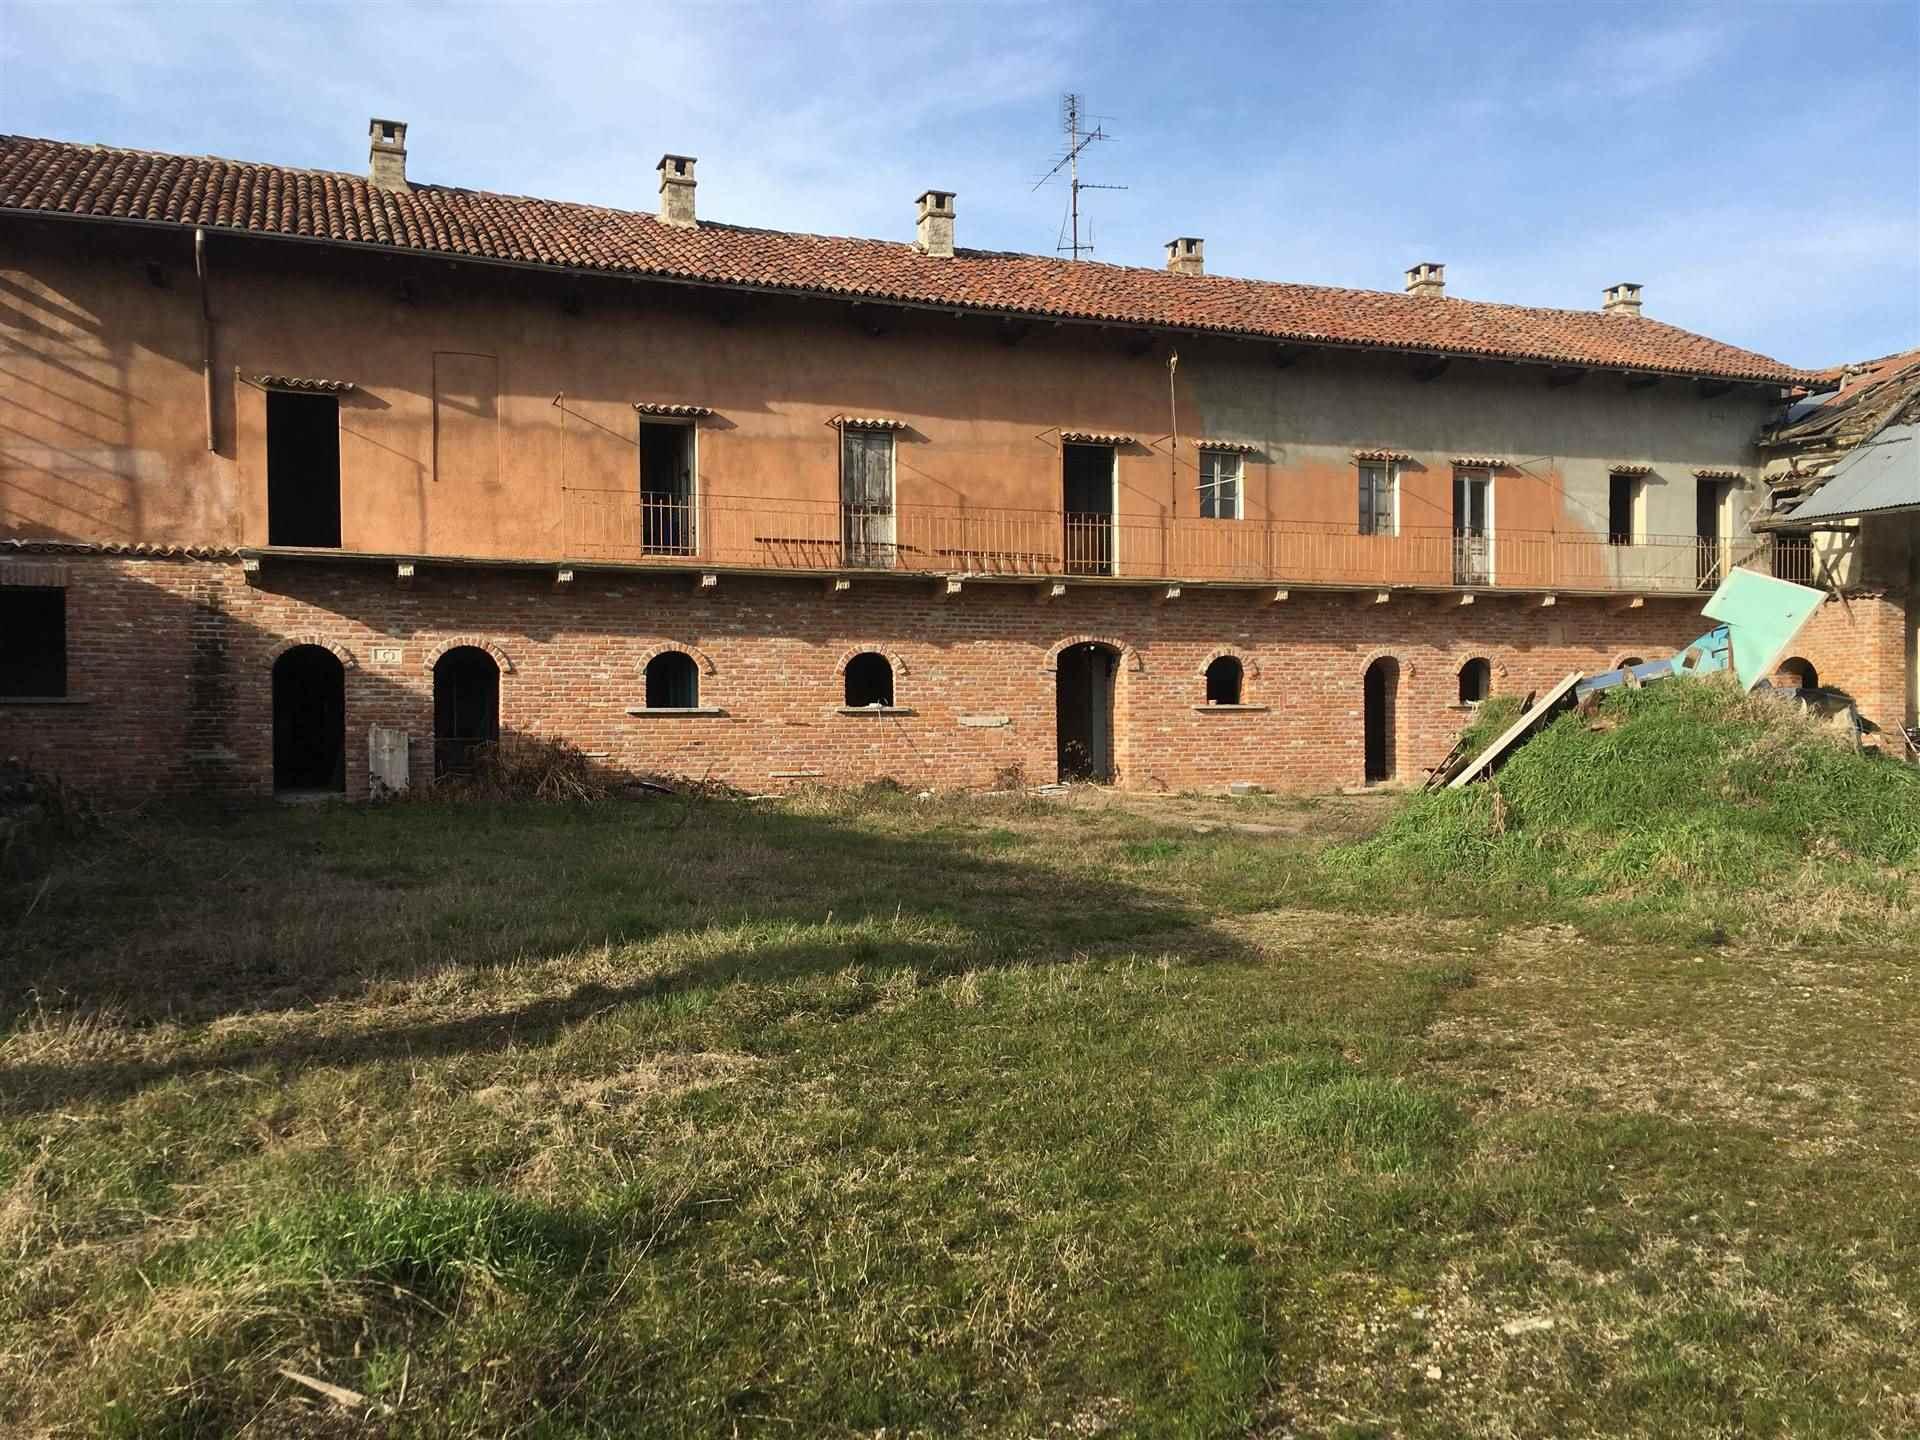 Rustico / Casale in vendita a Gravellona Lomellina, 12 locali, prezzo € 155.000 | PortaleAgenzieImmobiliari.it